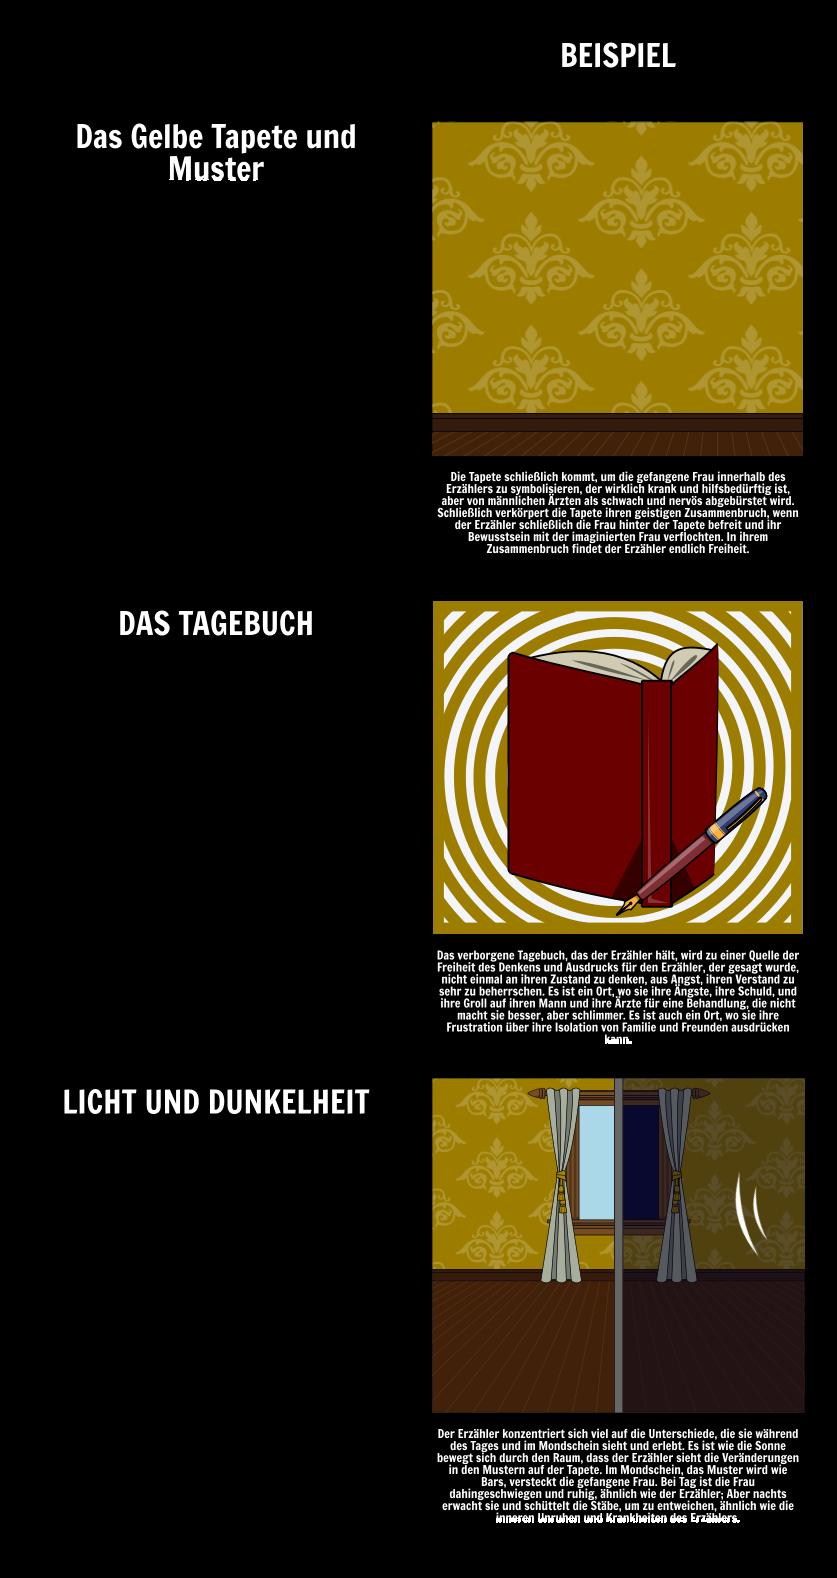 themen symbole und motive in die gelbe tapete. Black Bedroom Furniture Sets. Home Design Ideas